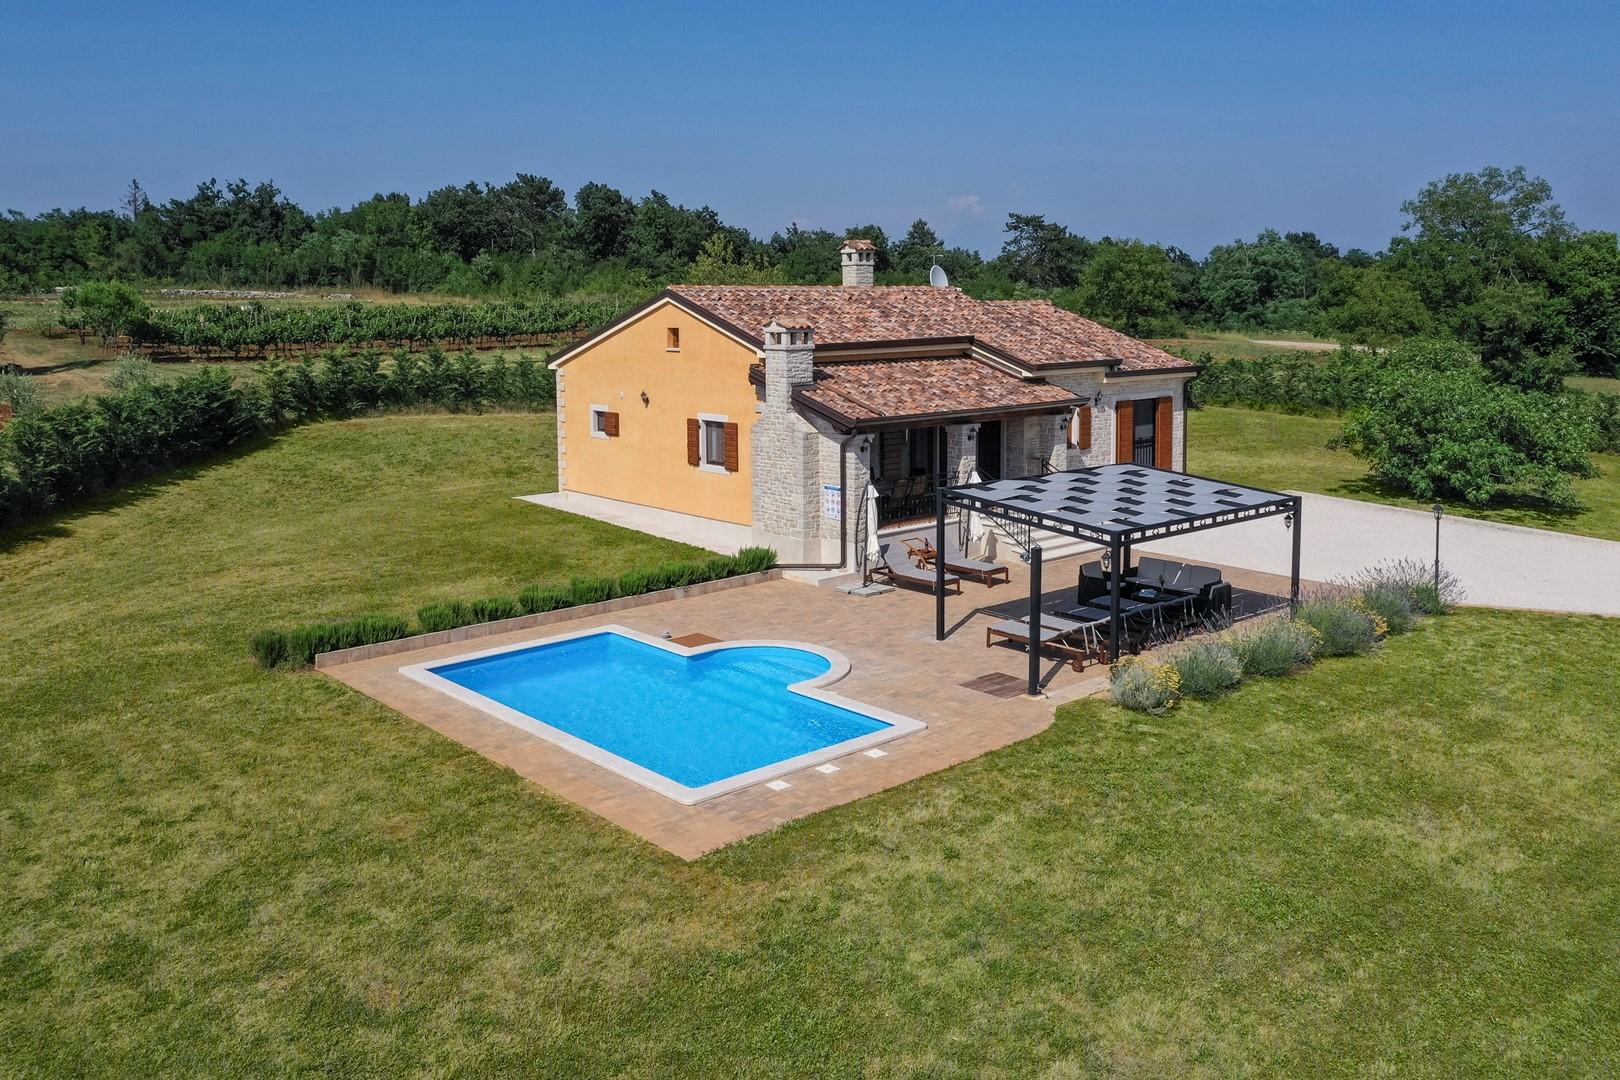 Ferienhaus Villa Elida mit Pool in abgelegene Lage - Zentral-Istrien (2789996), Pazin, , Istrien, Kroatien, Bild 1